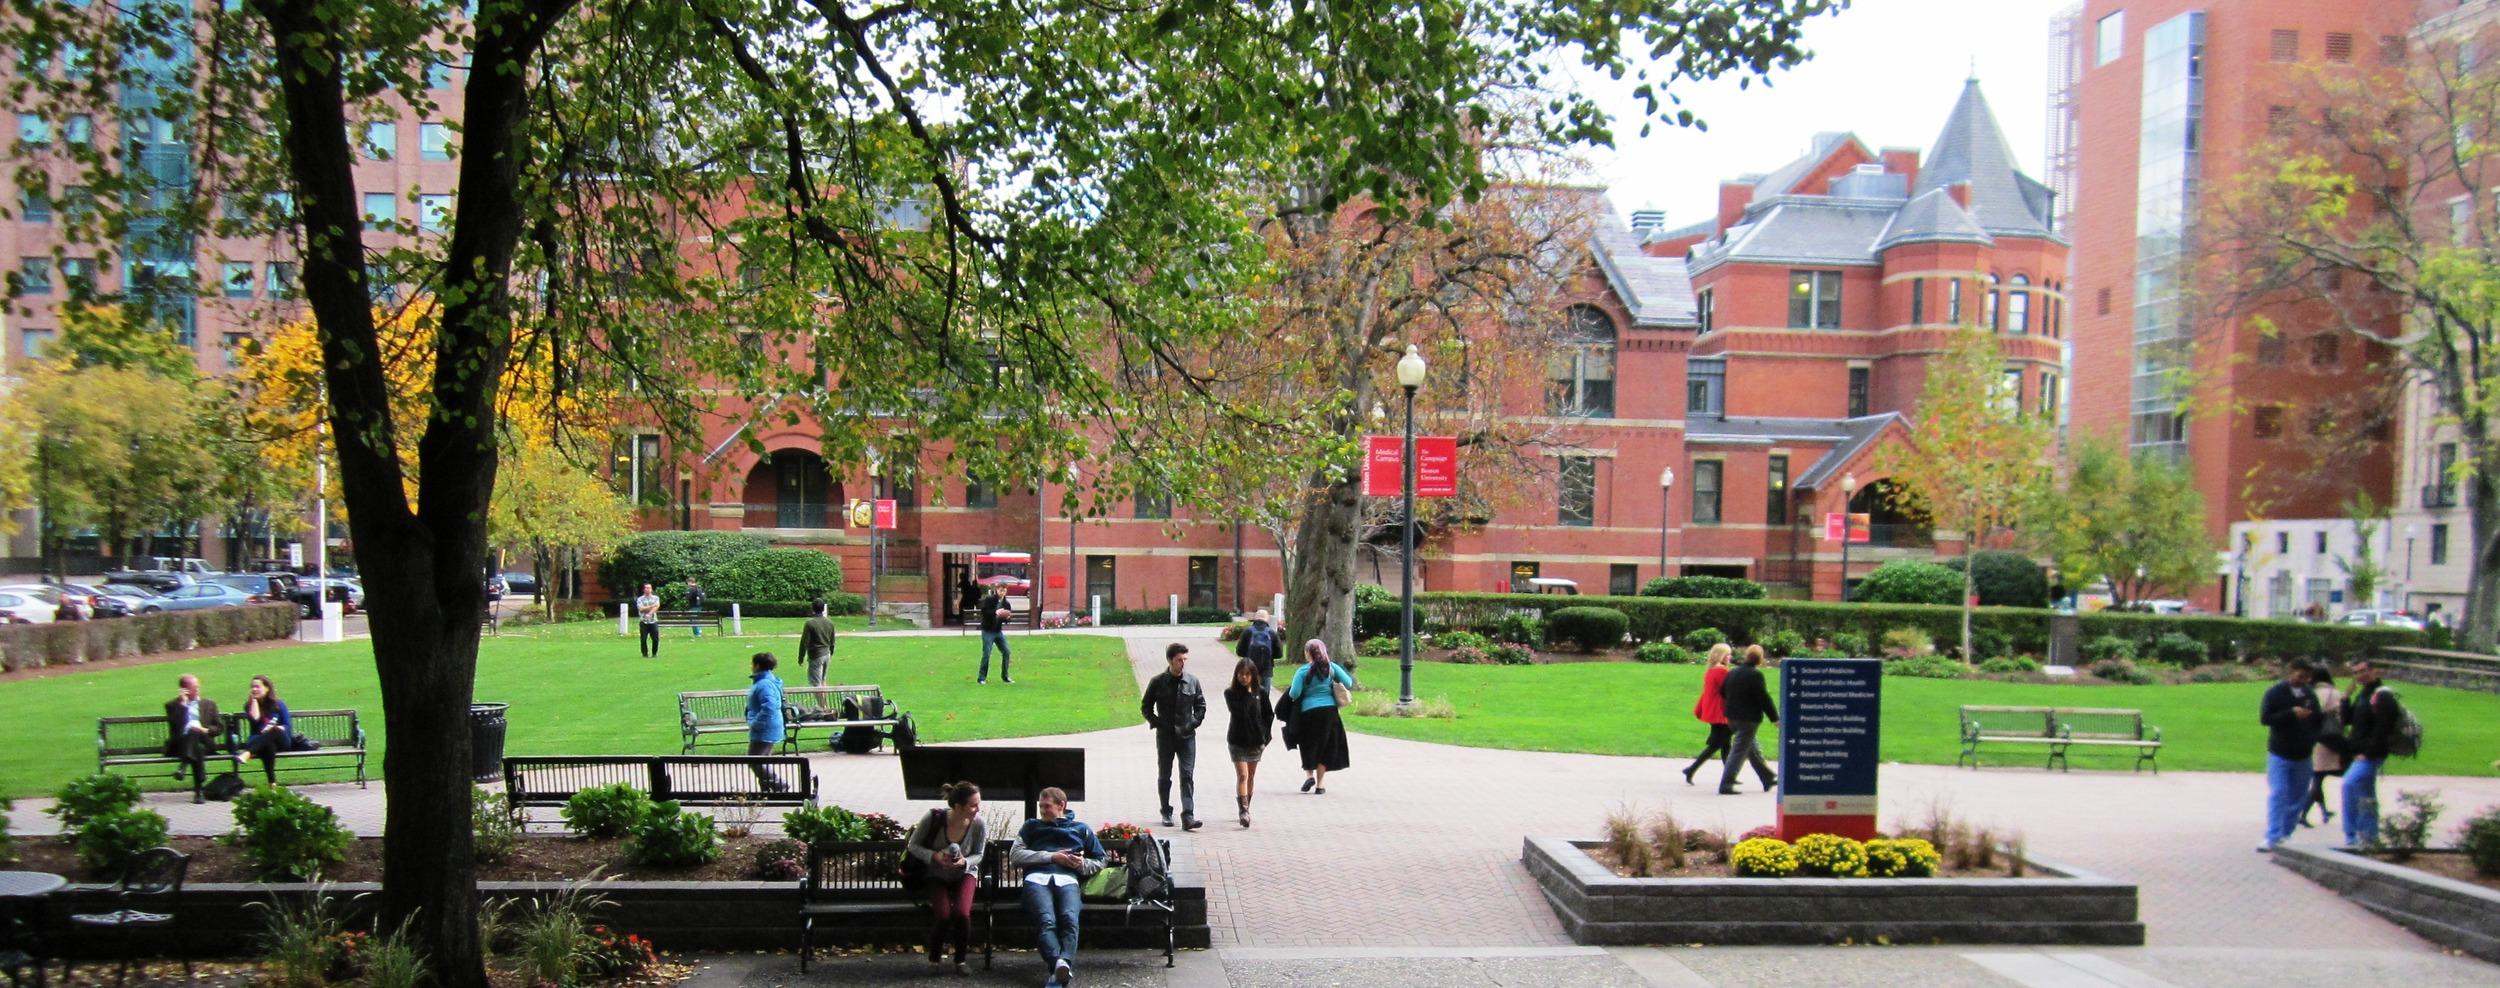 Boston University Screening